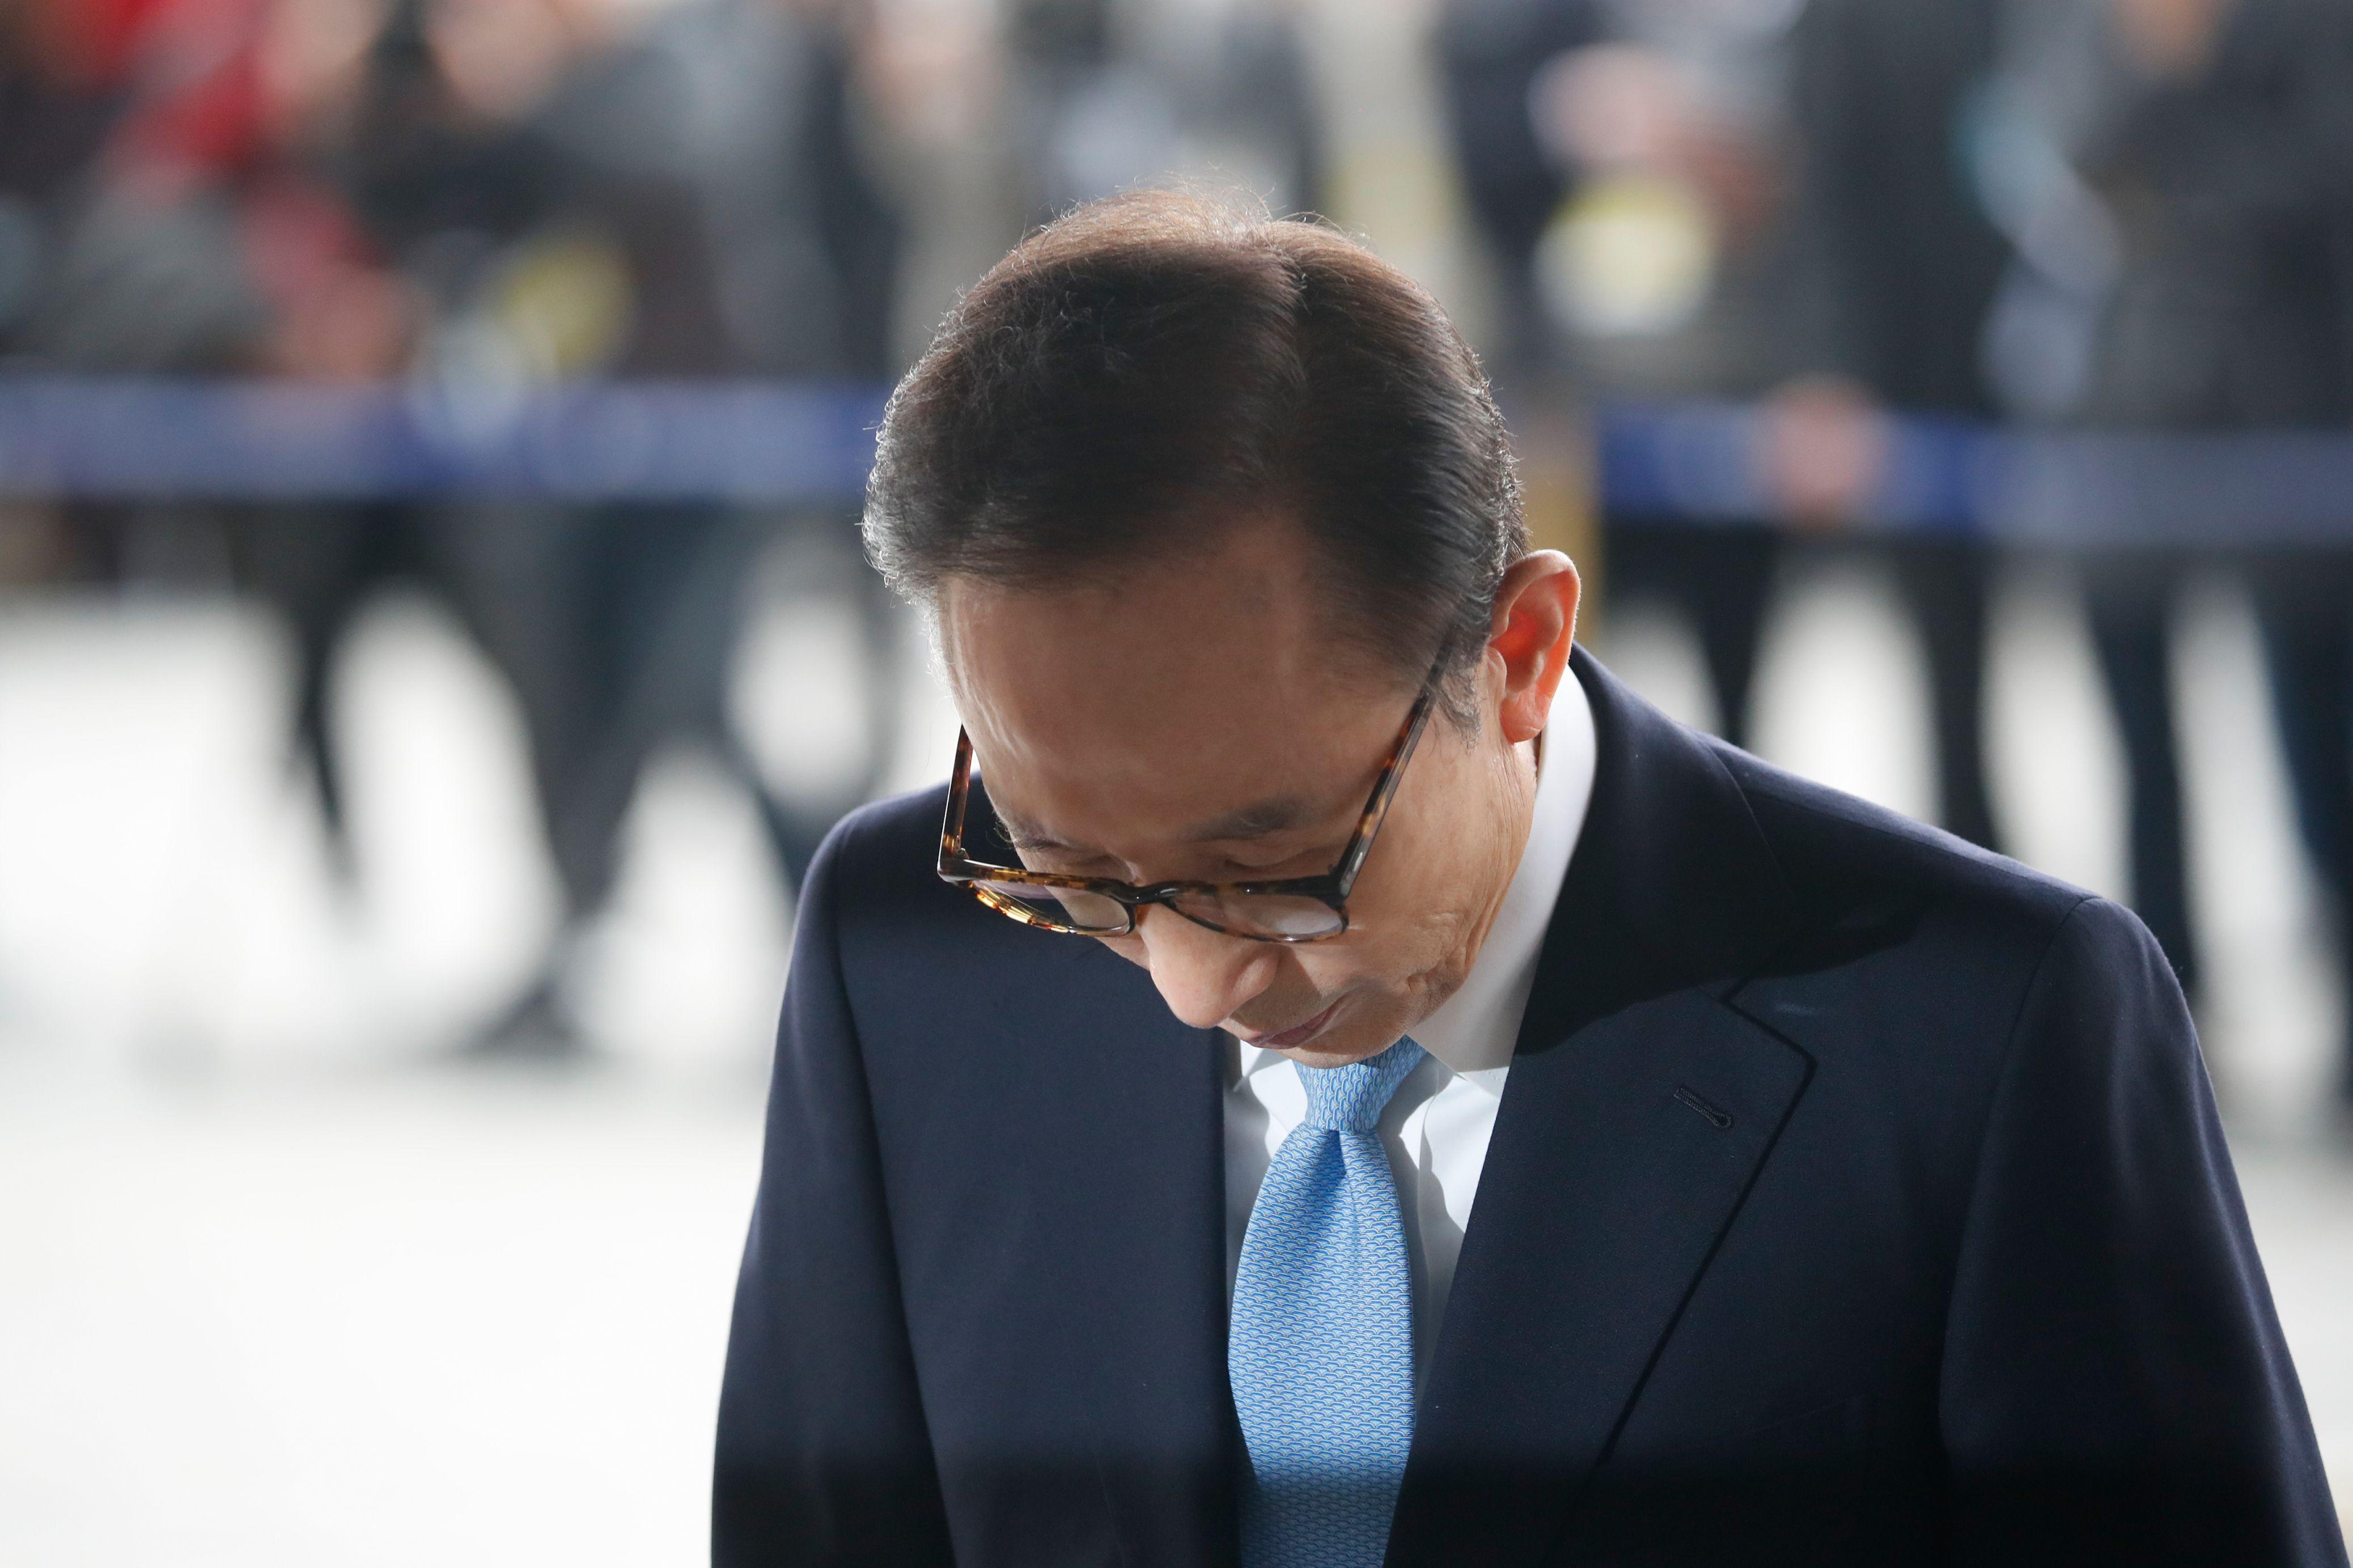 رئيس كوريا الجنوبية السابق يخضع للاستجواب